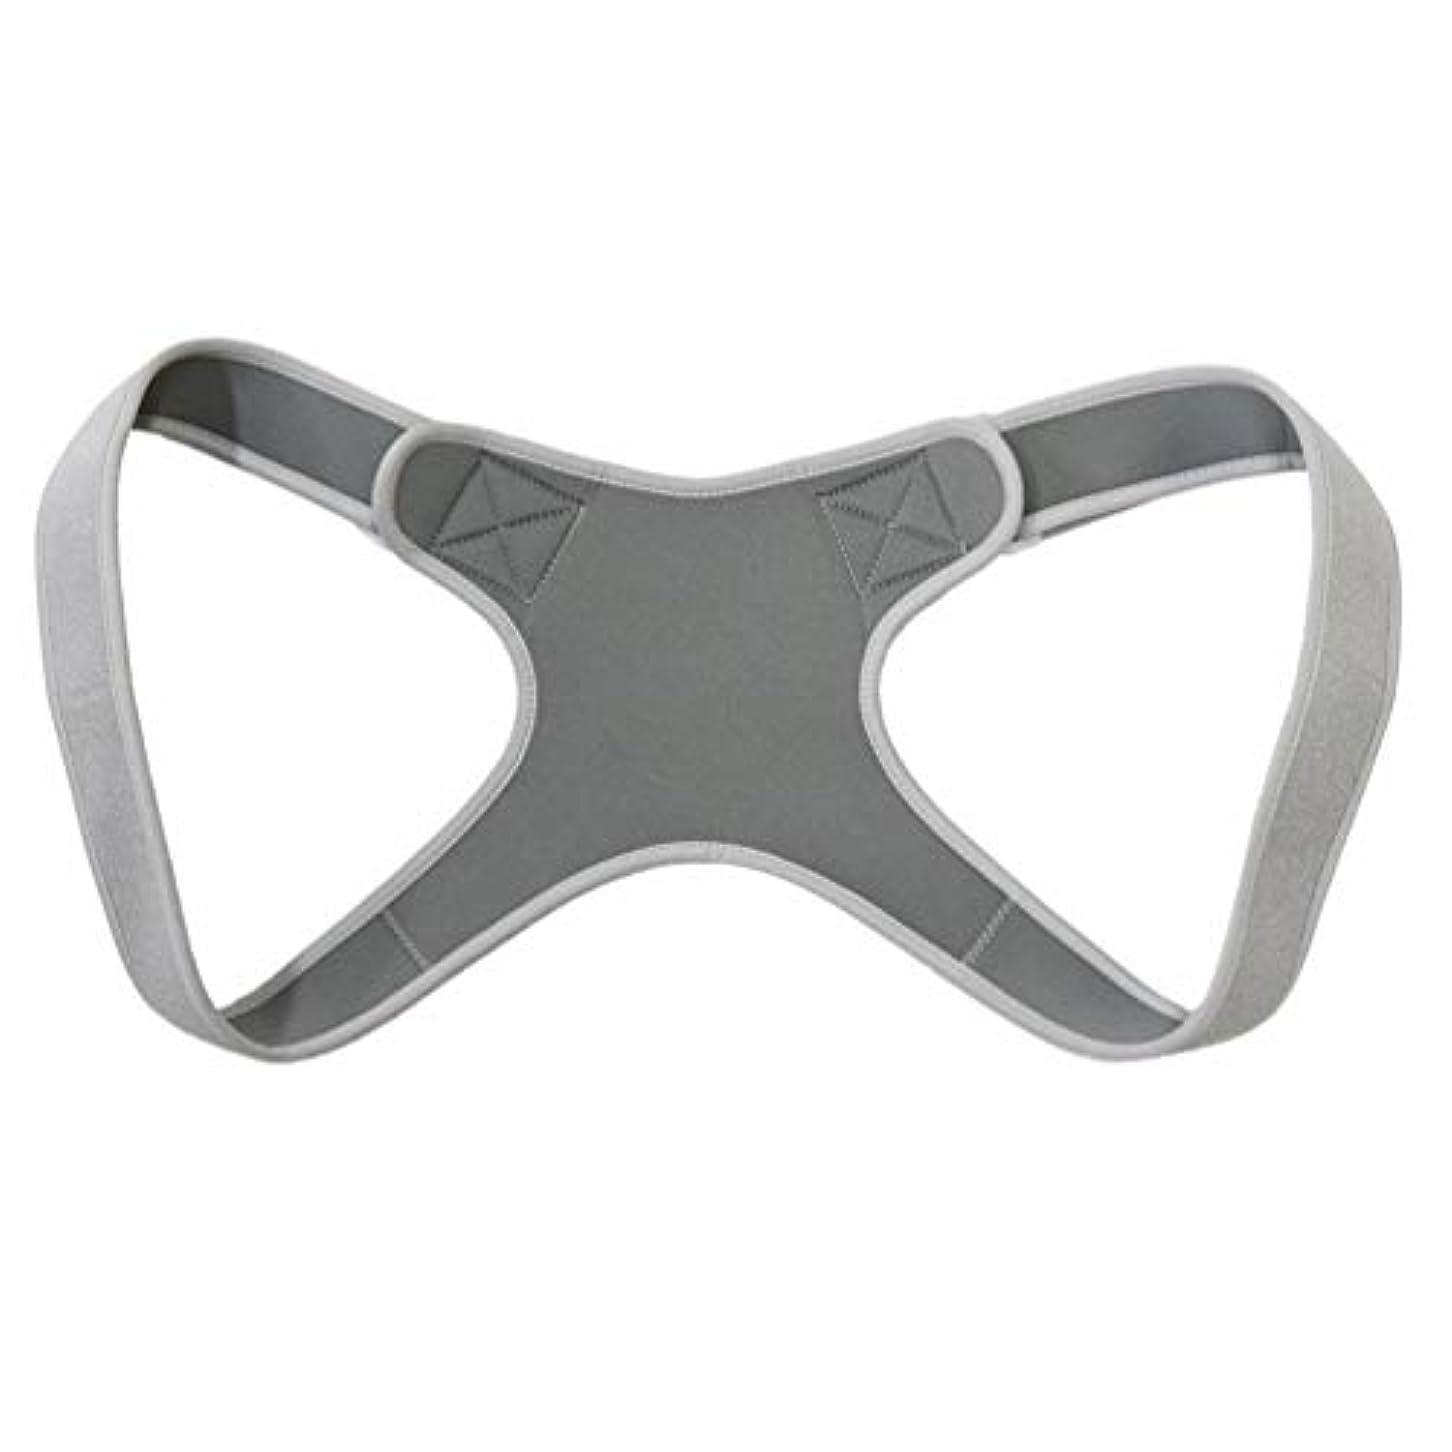 割り当てる必需品保護する新しいアッパーバックポスチャーコレクター姿勢鎖骨サポートコレクターバックストレートショルダーブレースストラップコレクター - グレー